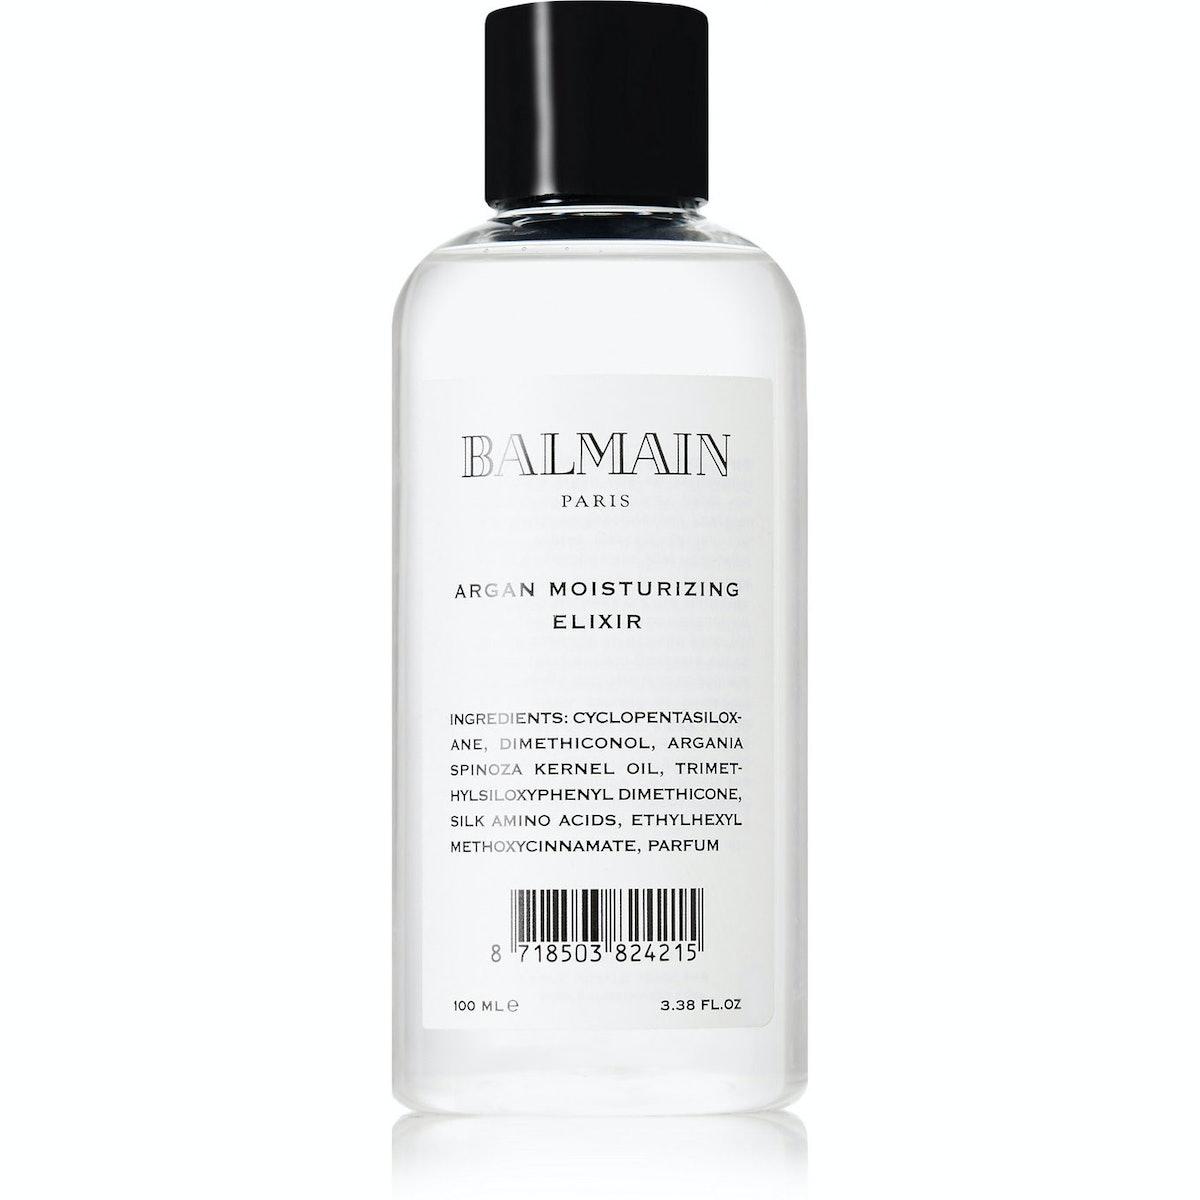 Balmain Paris Hair Couture Argan Moisturizing Elixir